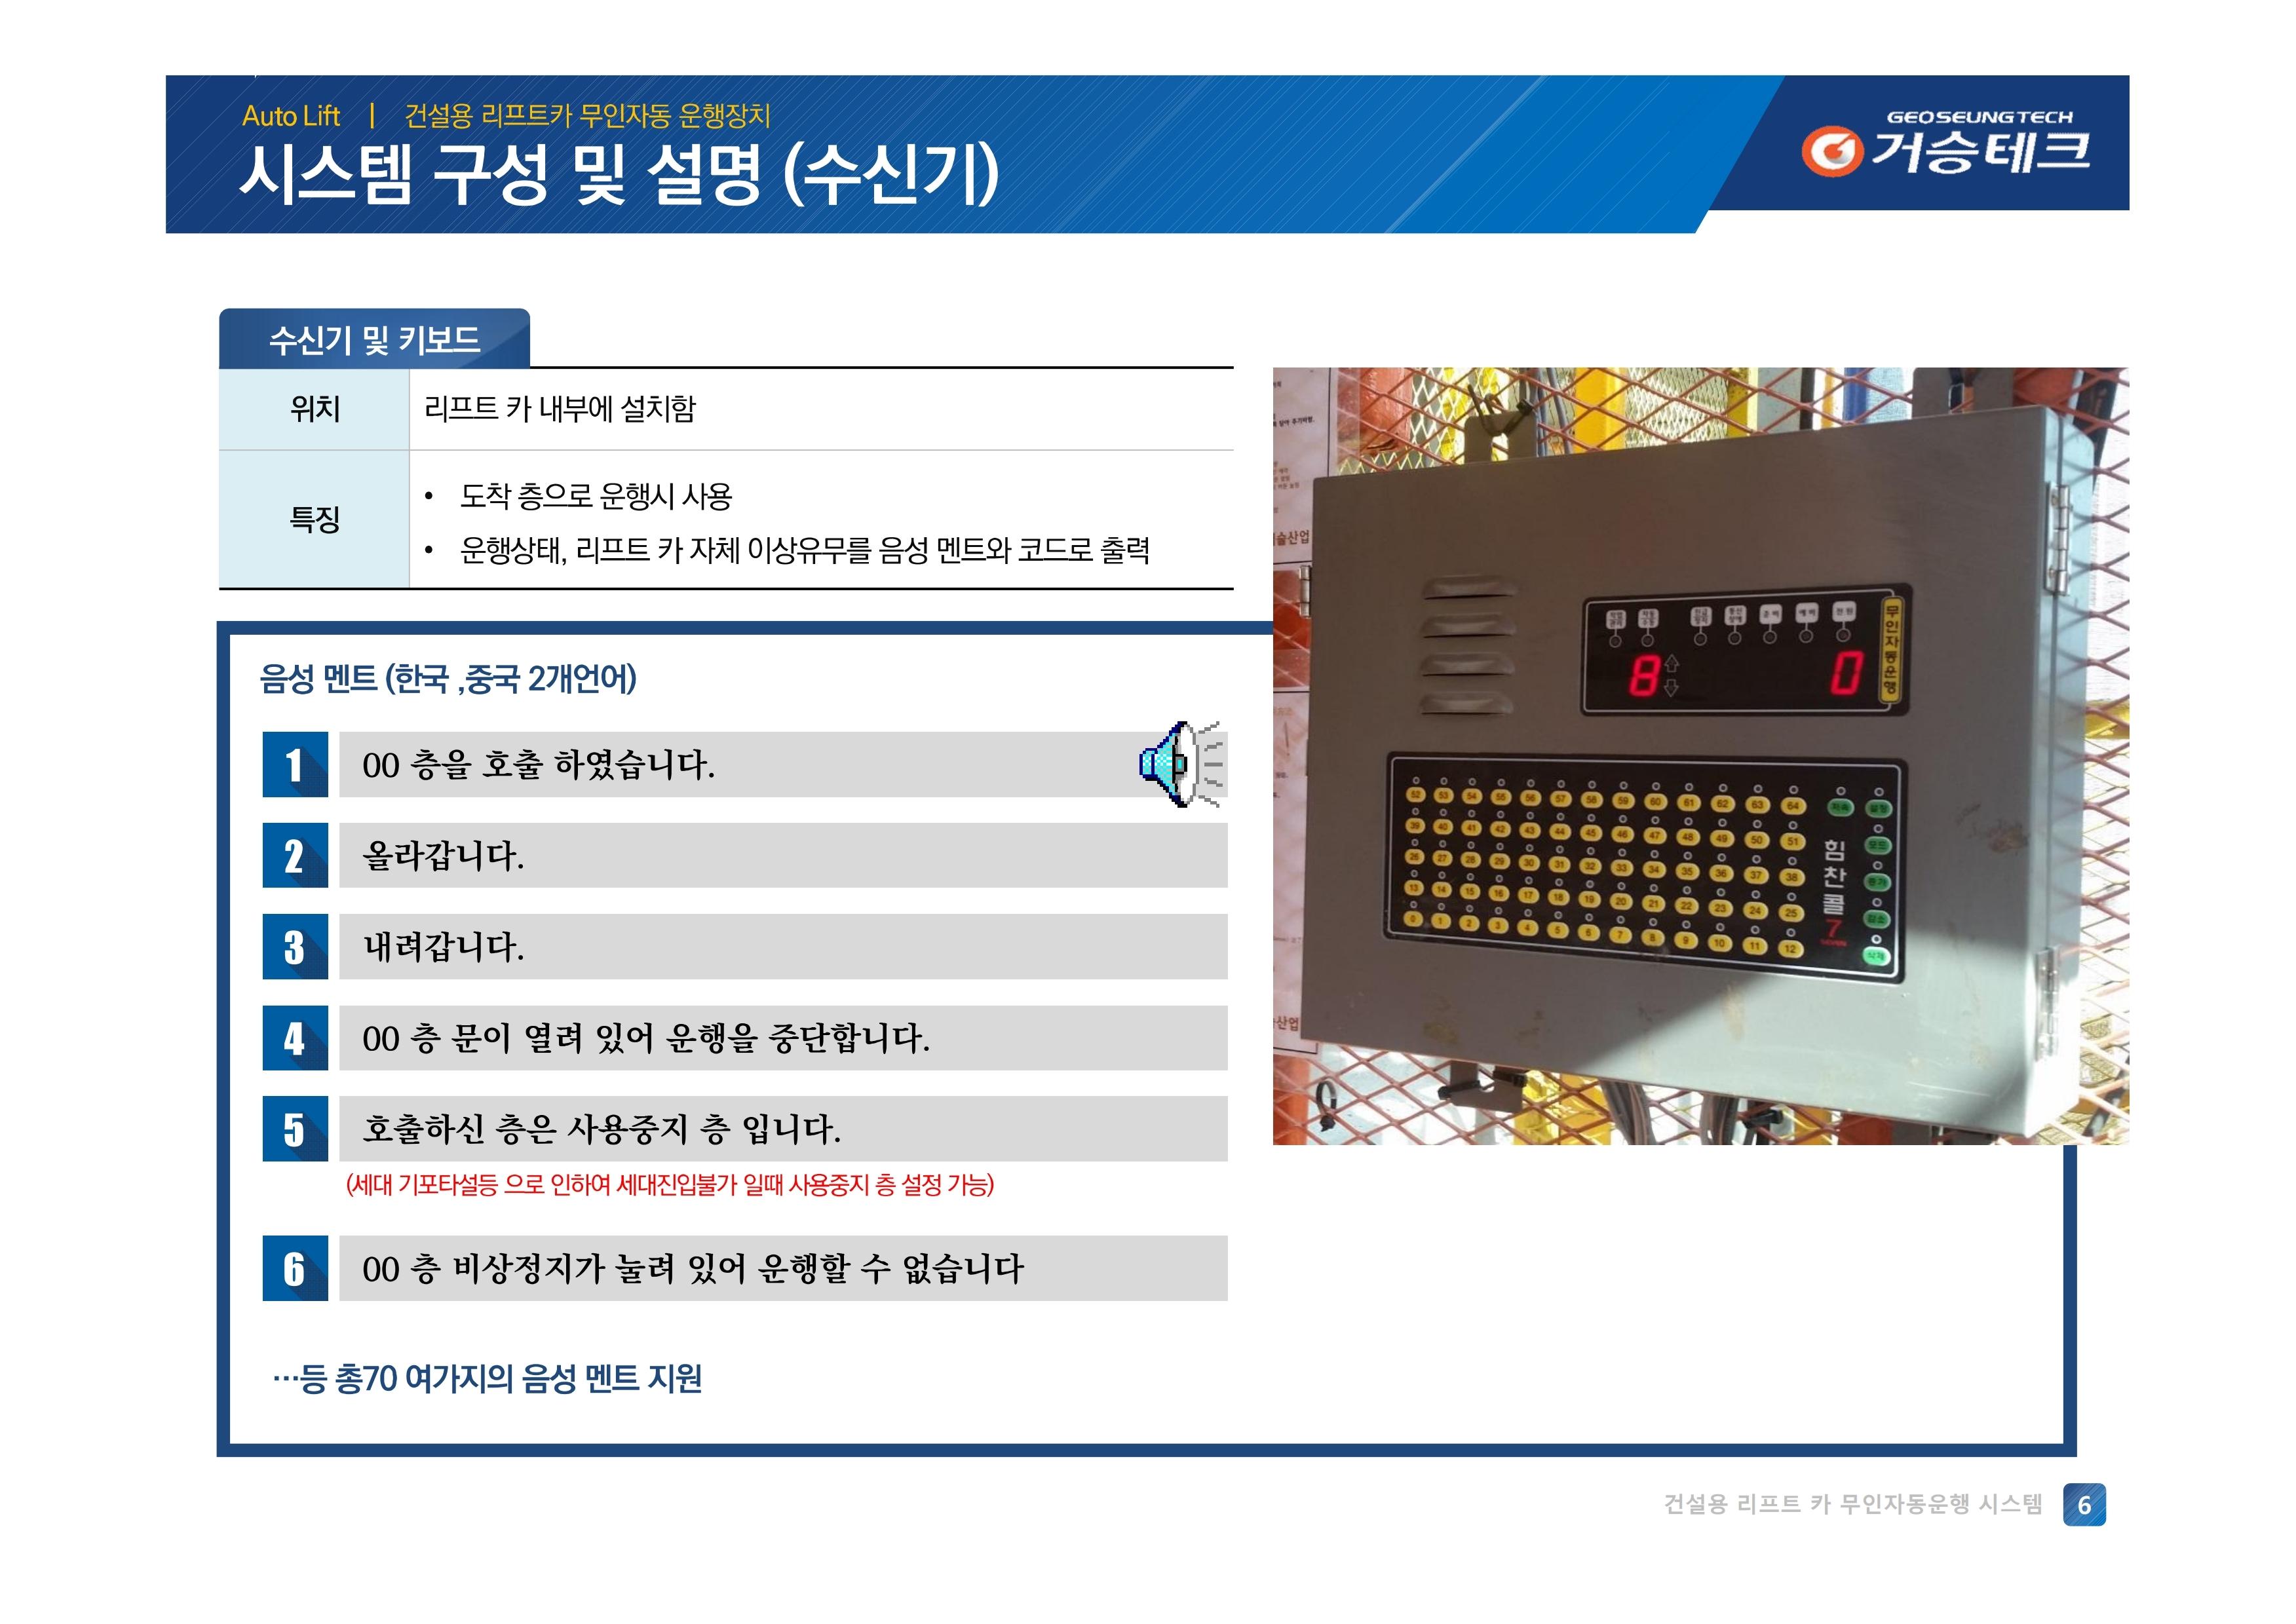 무인자동 (거승테크)-Rev01 (2020-07-22).pdf_page_06.jpg